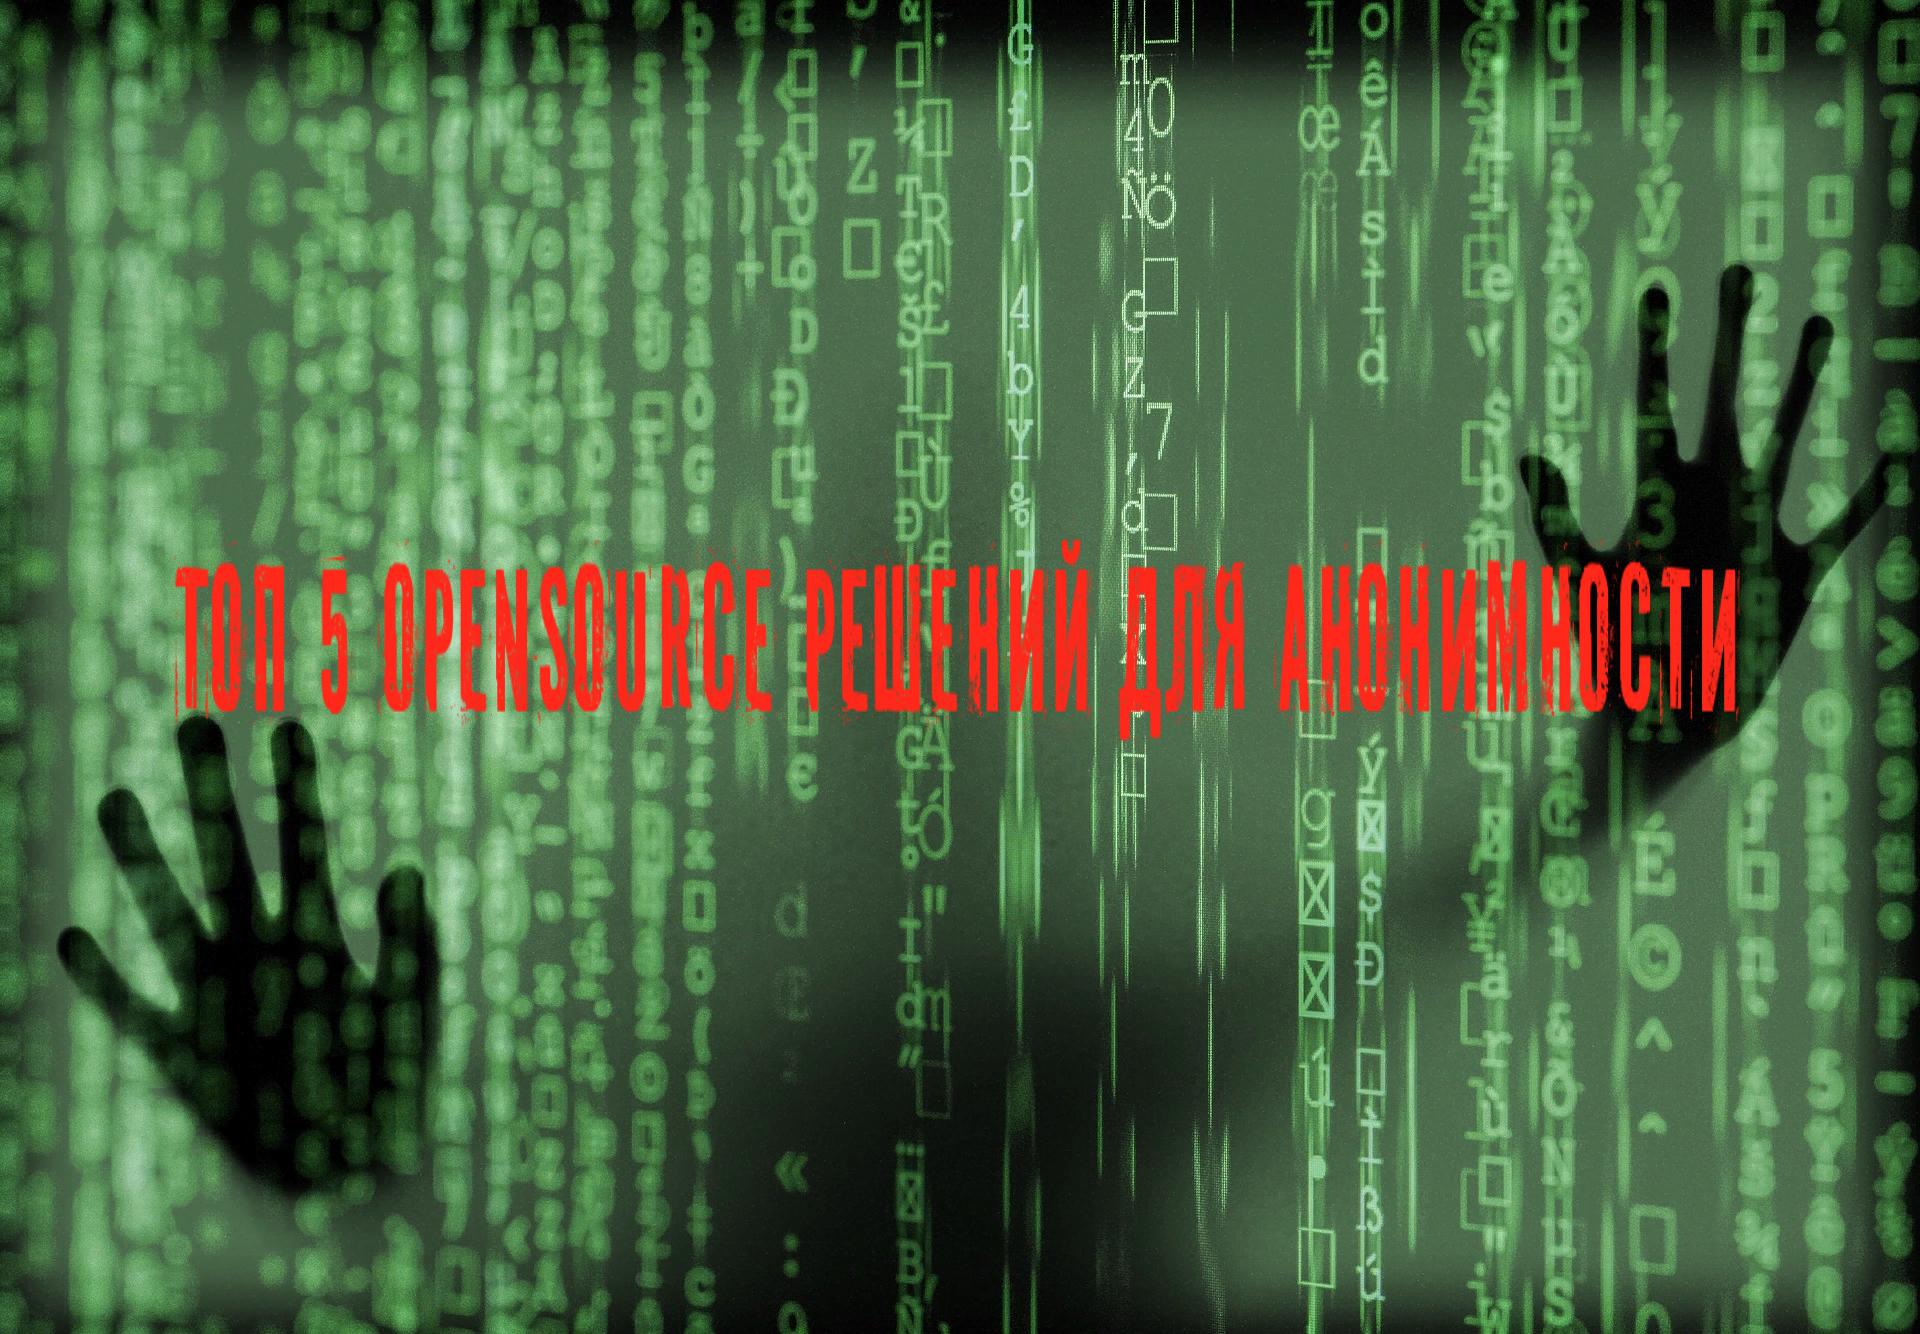 🏑 Топ 5 лучших проектов безопасности с открытым исходным кодом, которые способствуют обеспечению конфиденциальности в Интернете и защищают вашу личность